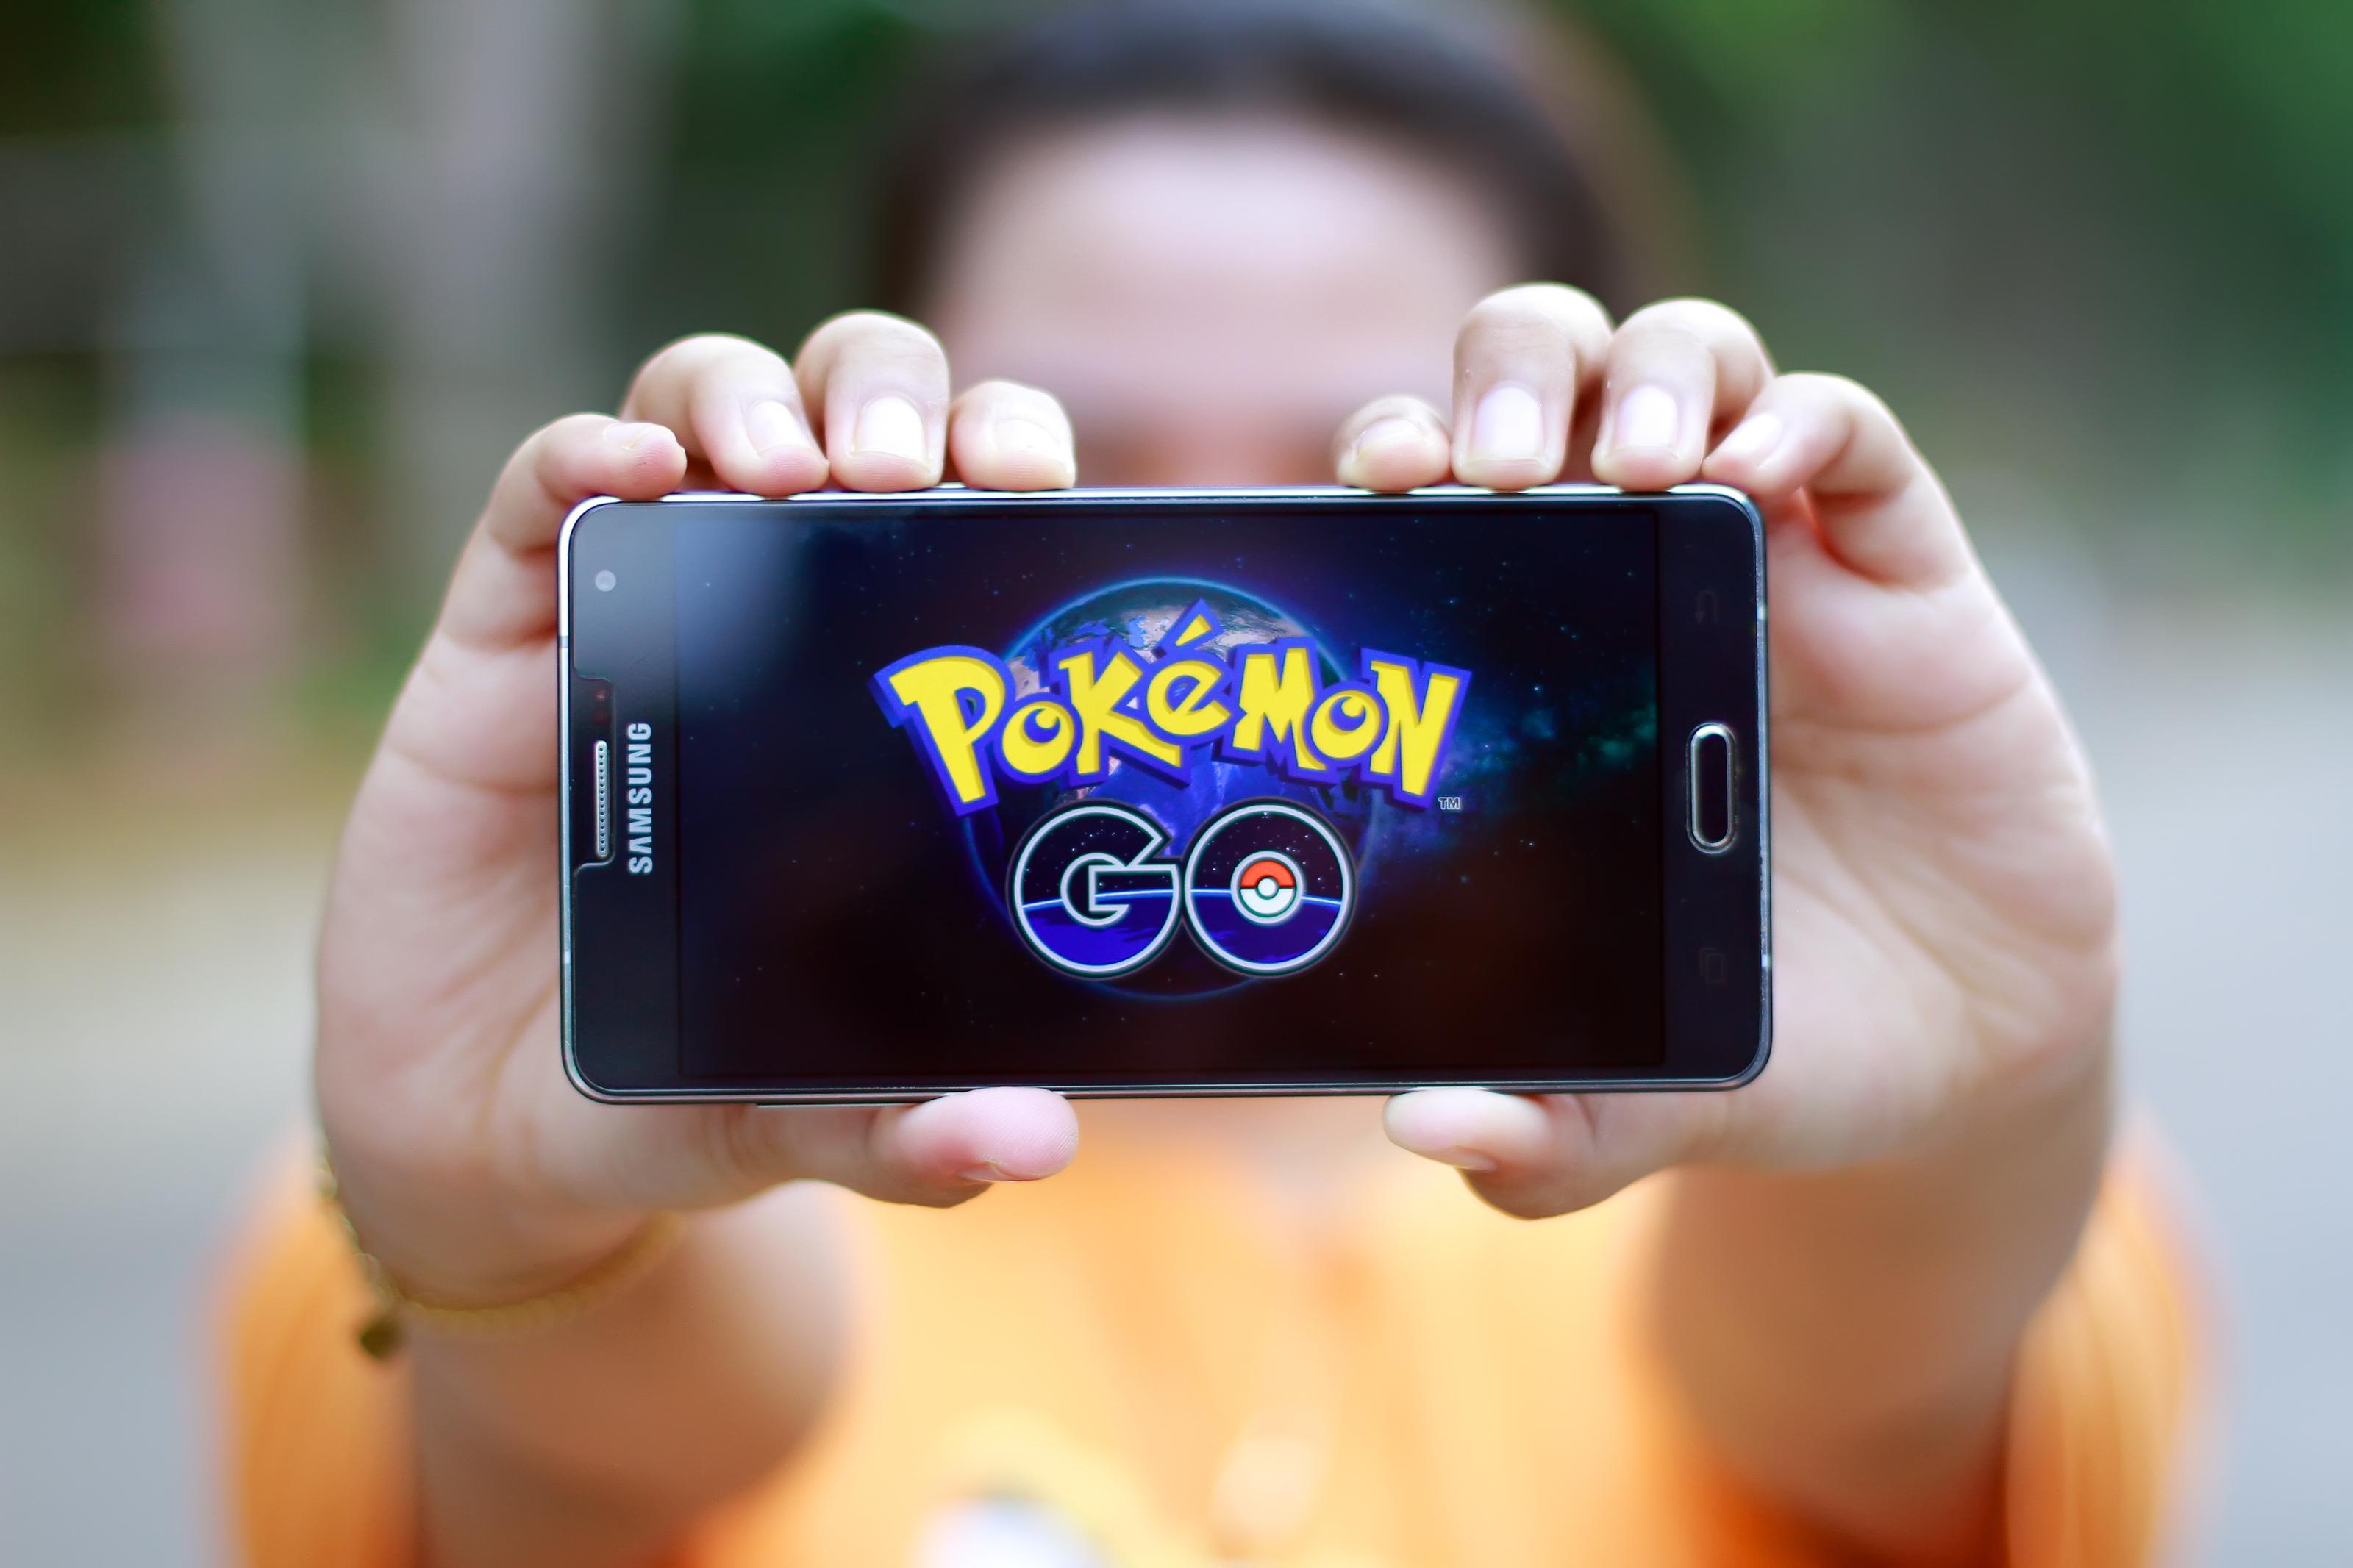 Co dalej z Pokemon GO? Niantic ma już plany, jak zatrzymaćprzy sobie graczy